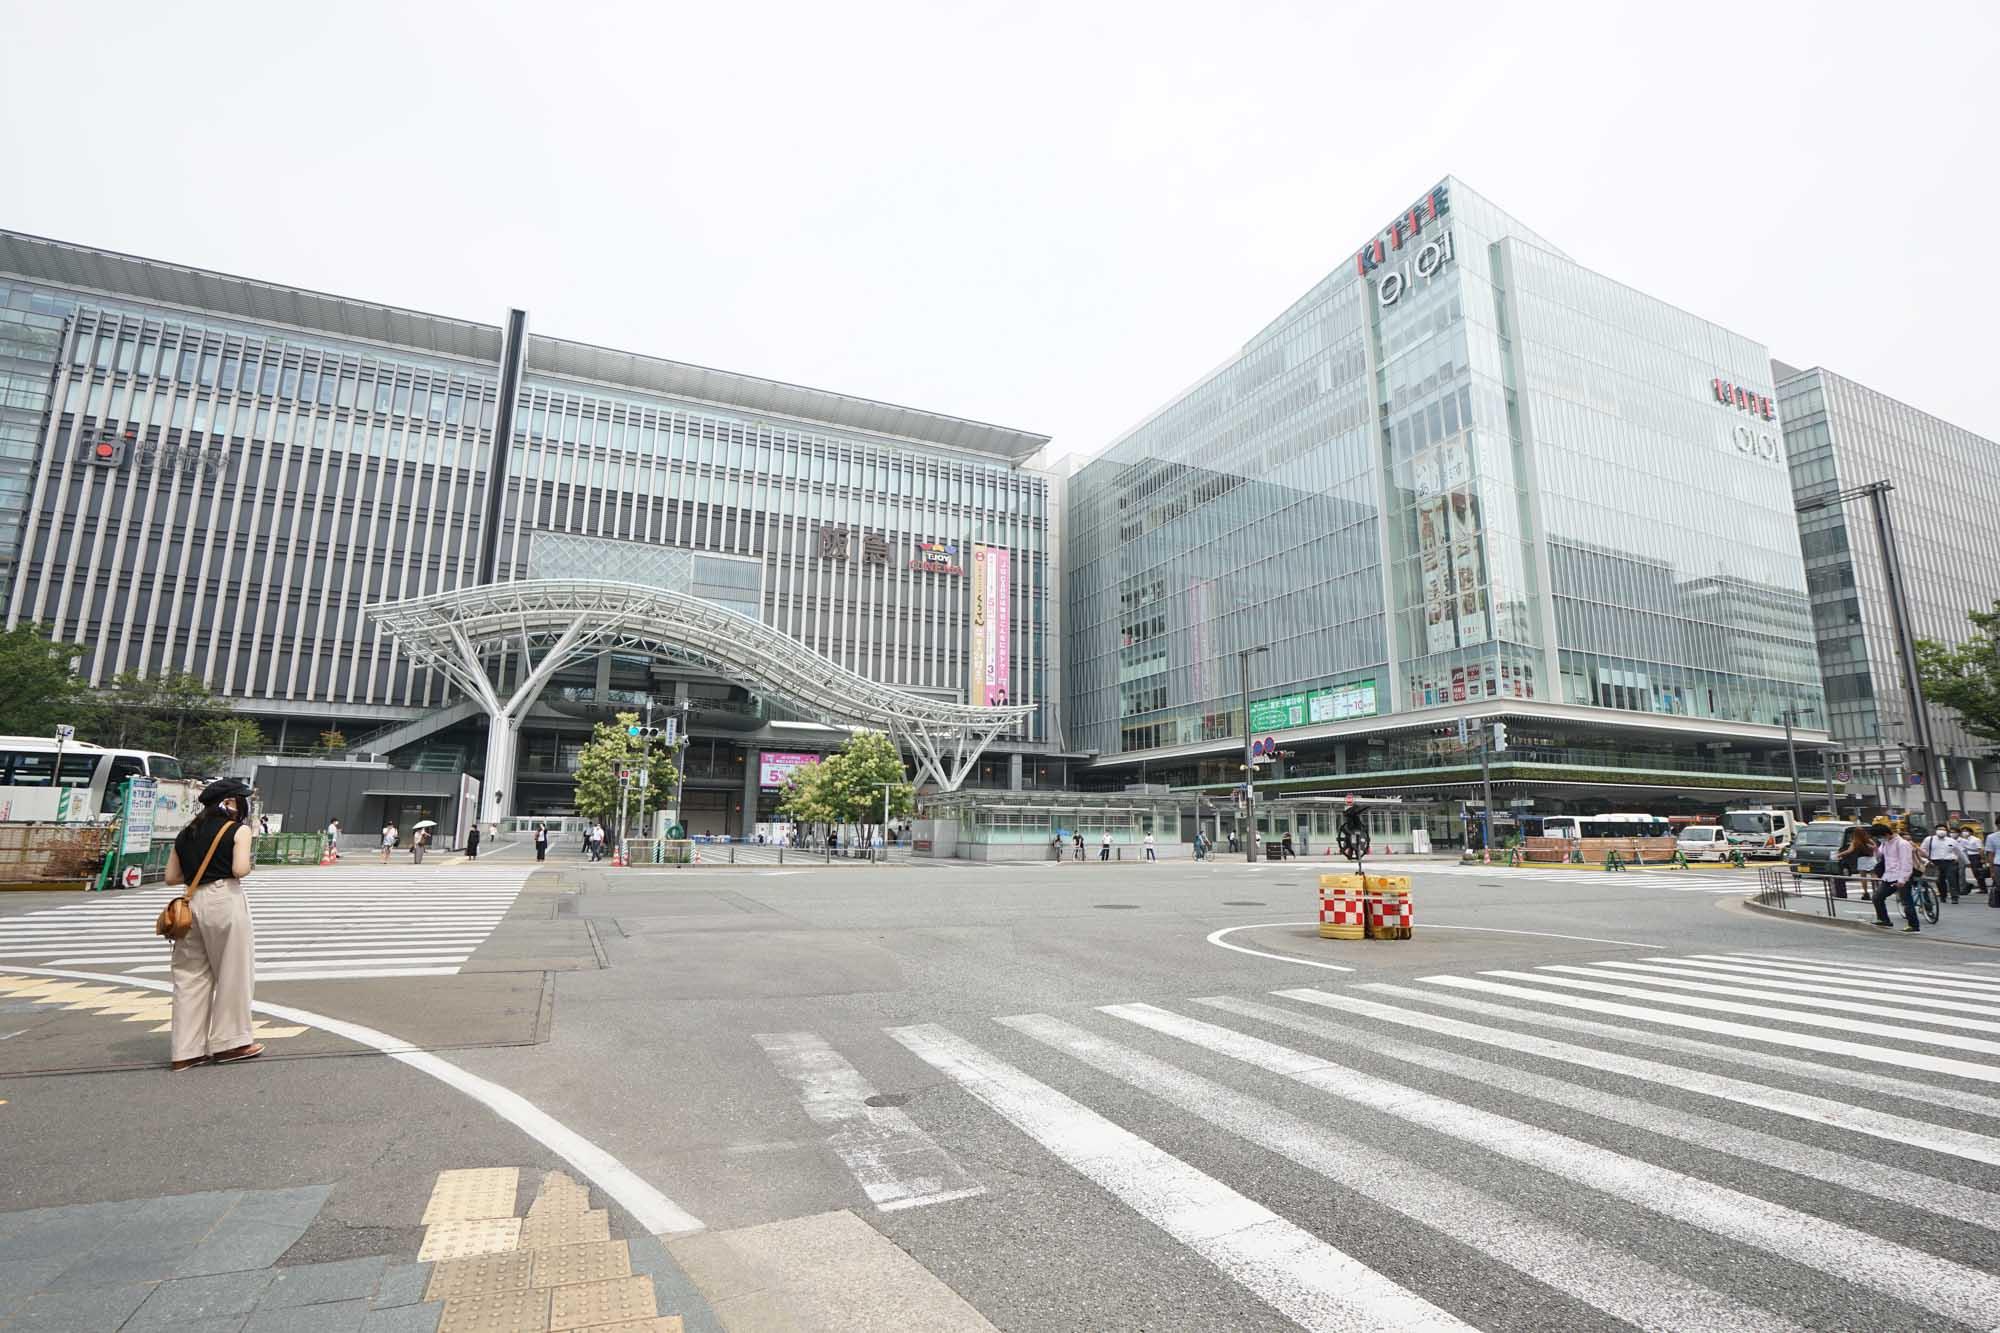 そして、駅ビルの中に映画館まで備える博多駅が「最寄り」というのがなんとも頼もしいのです。